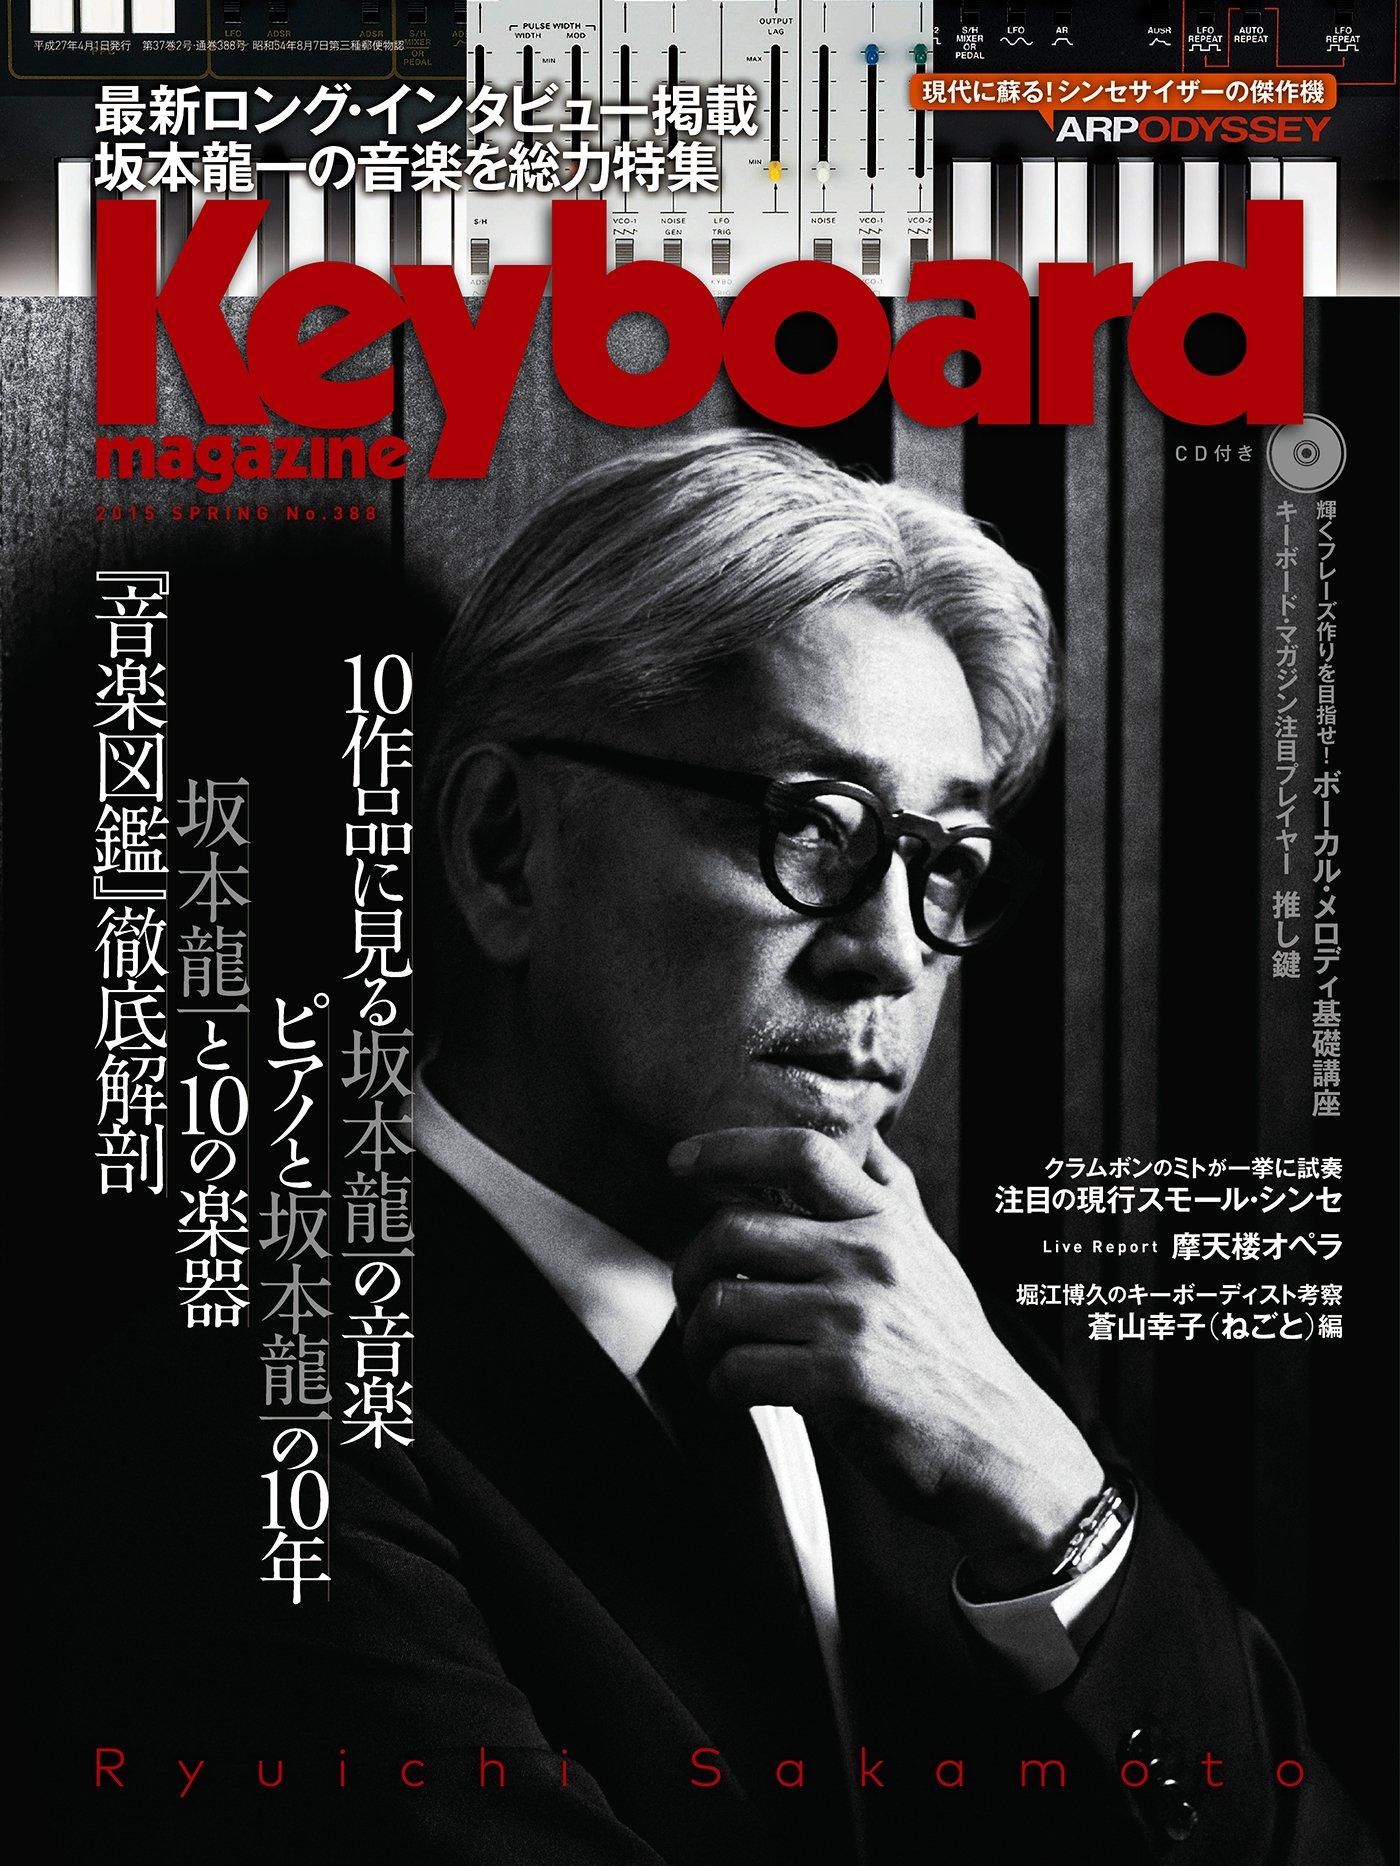 キーボード・マガジン 2015 4月 ...